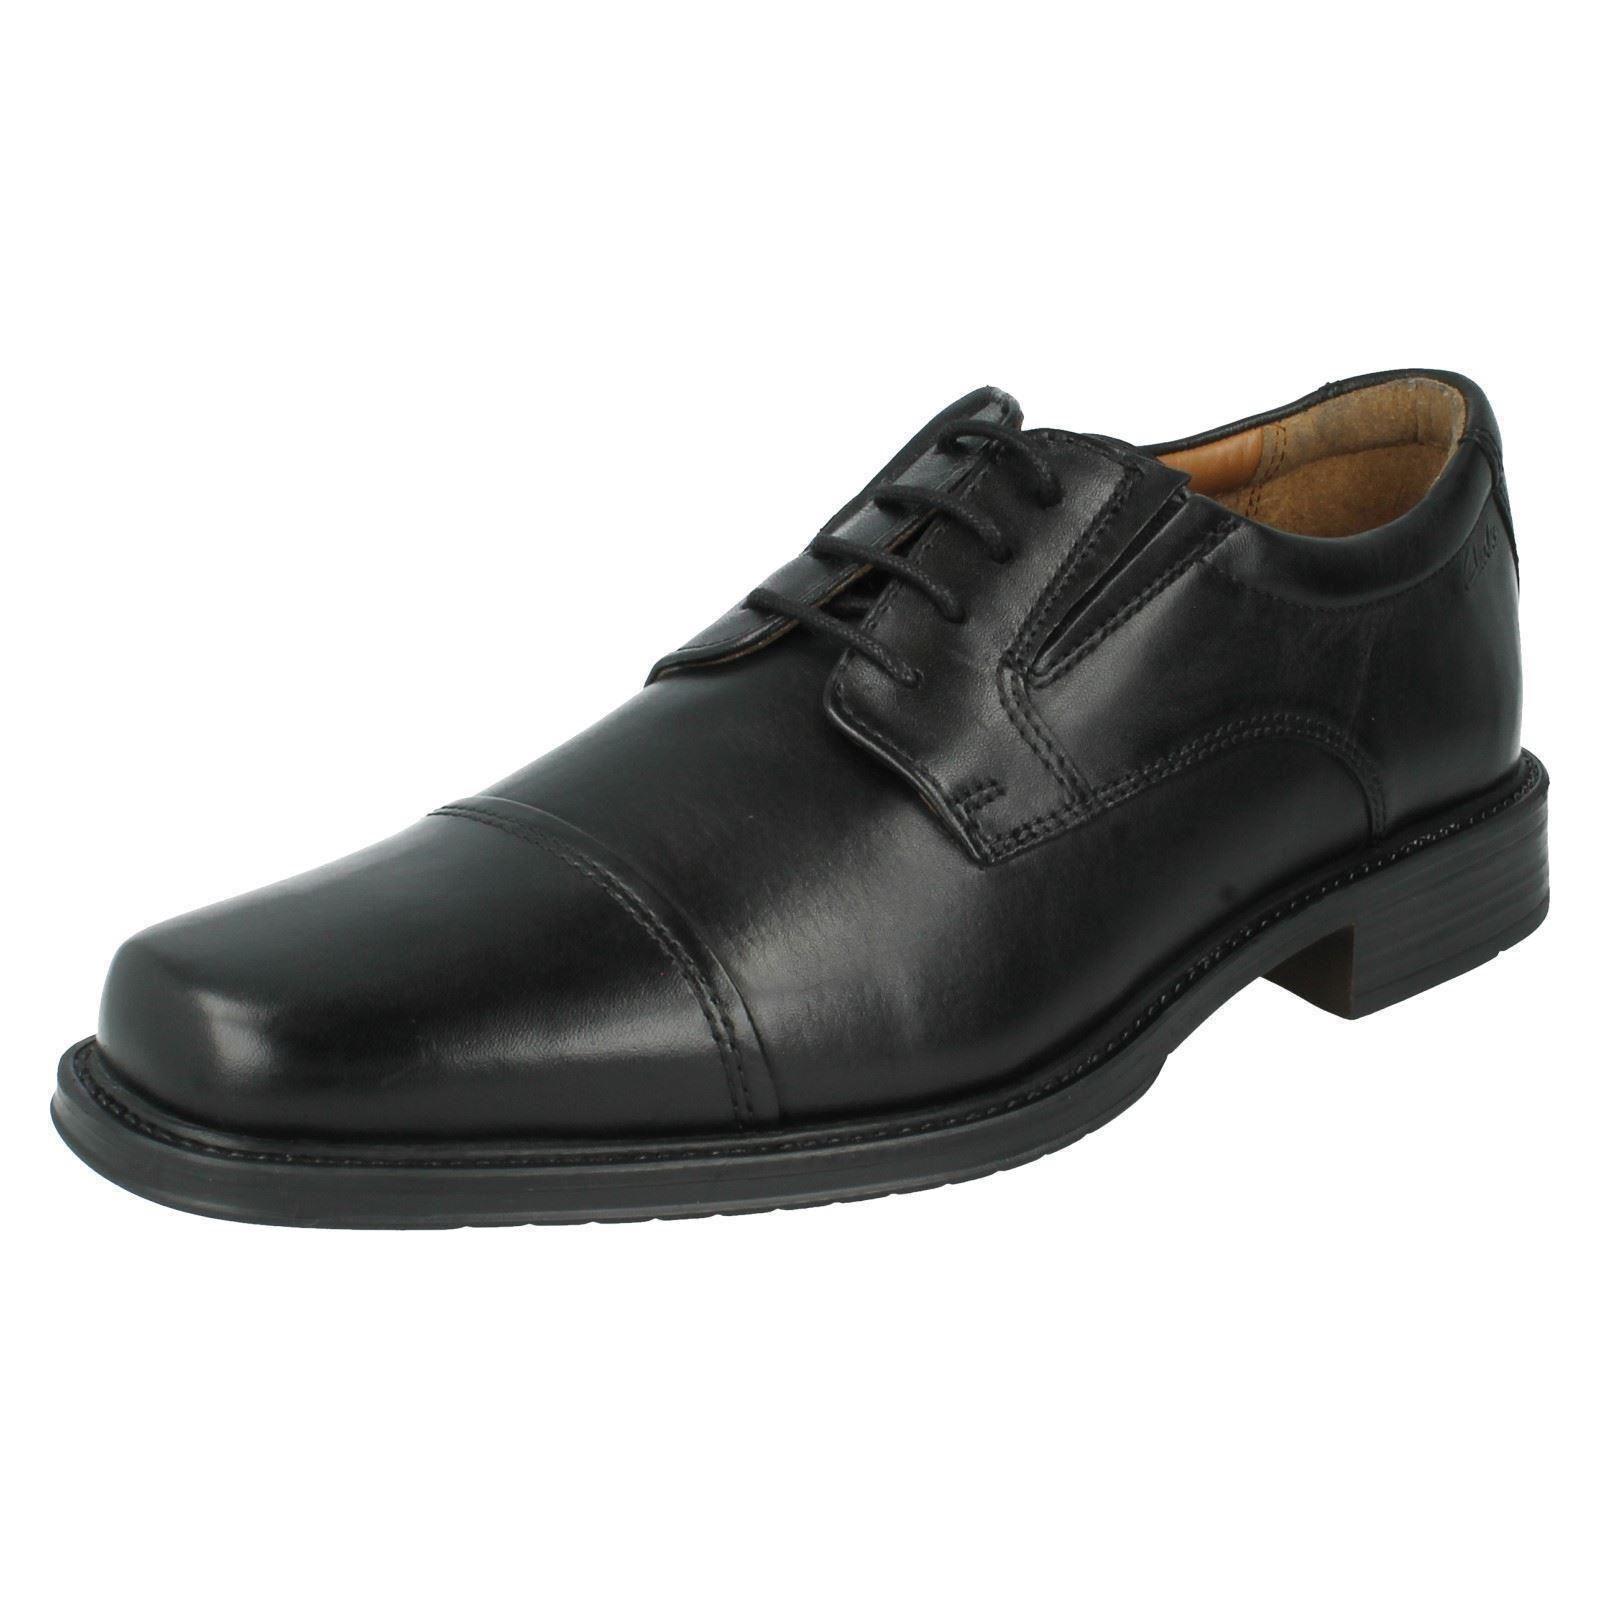 SALE Herren Clarks schwarz Leather Schnürschuhe Driggs Kappe